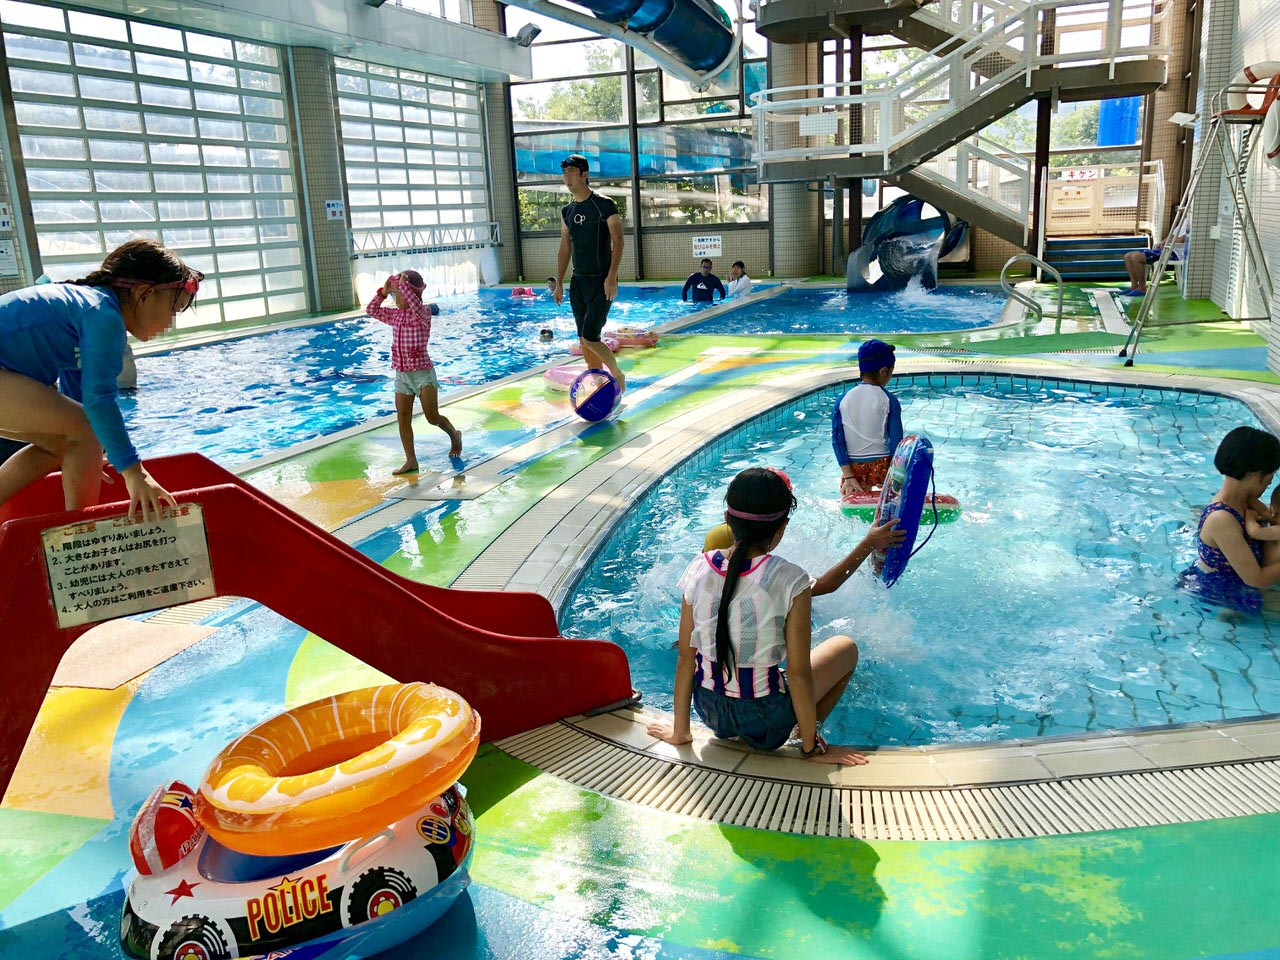 中津川のクアリゾート湯舟沢の子供温水プール